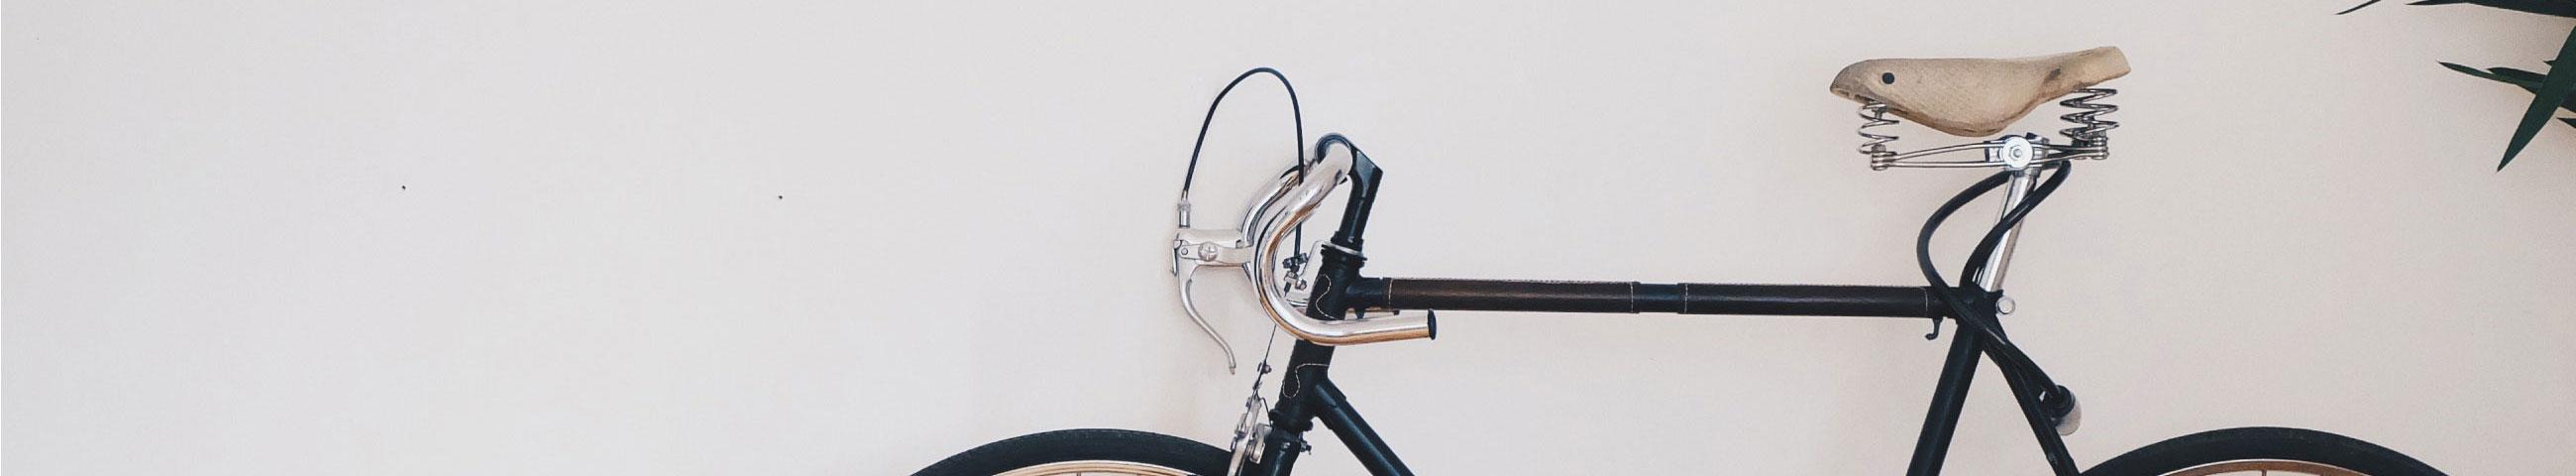 bike-header-pic